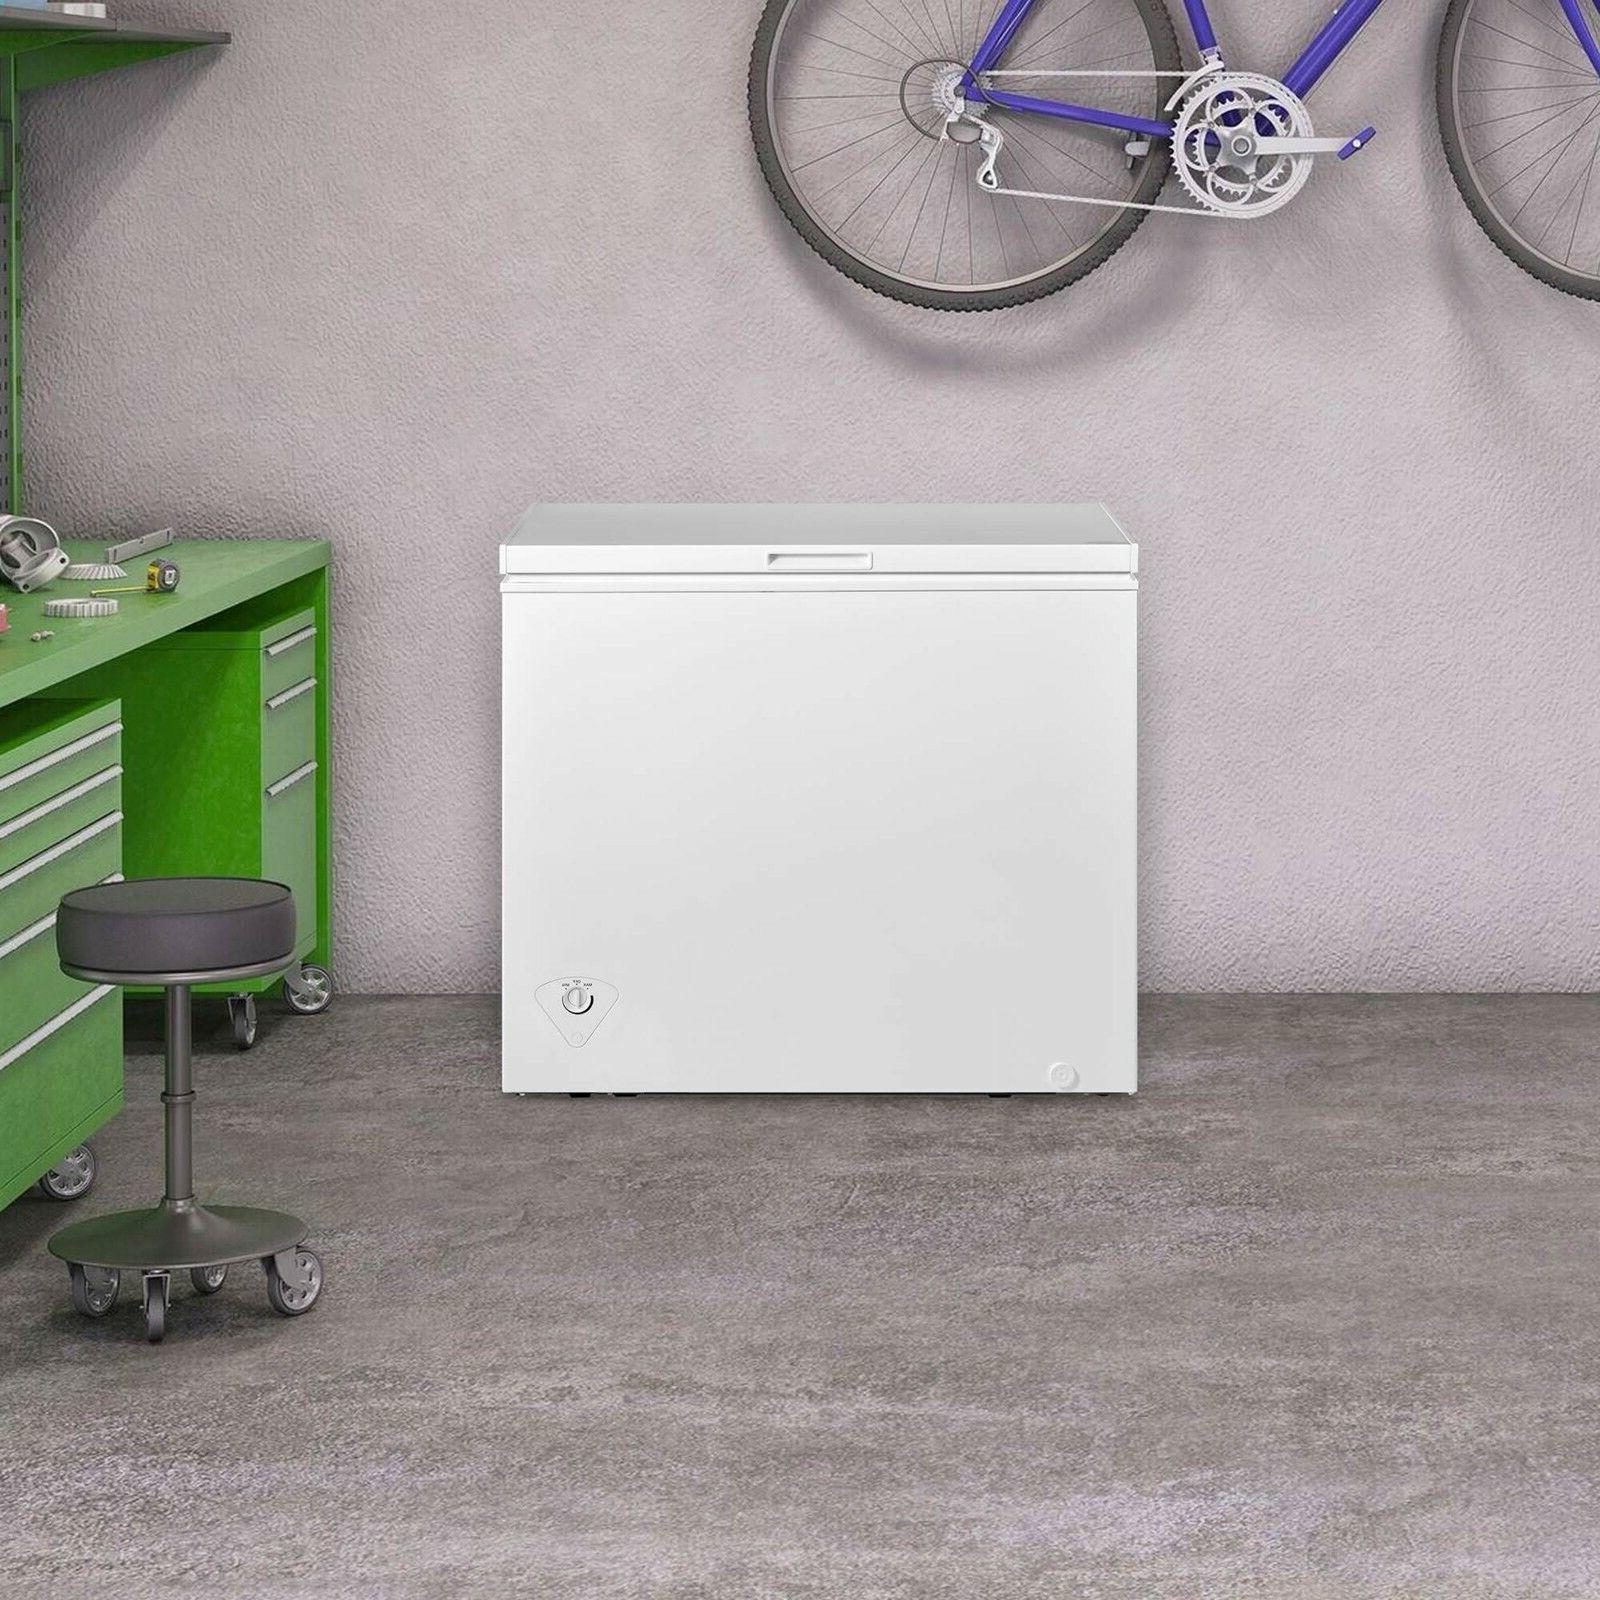 Chest cu Frozen Convenient Durable Cooler